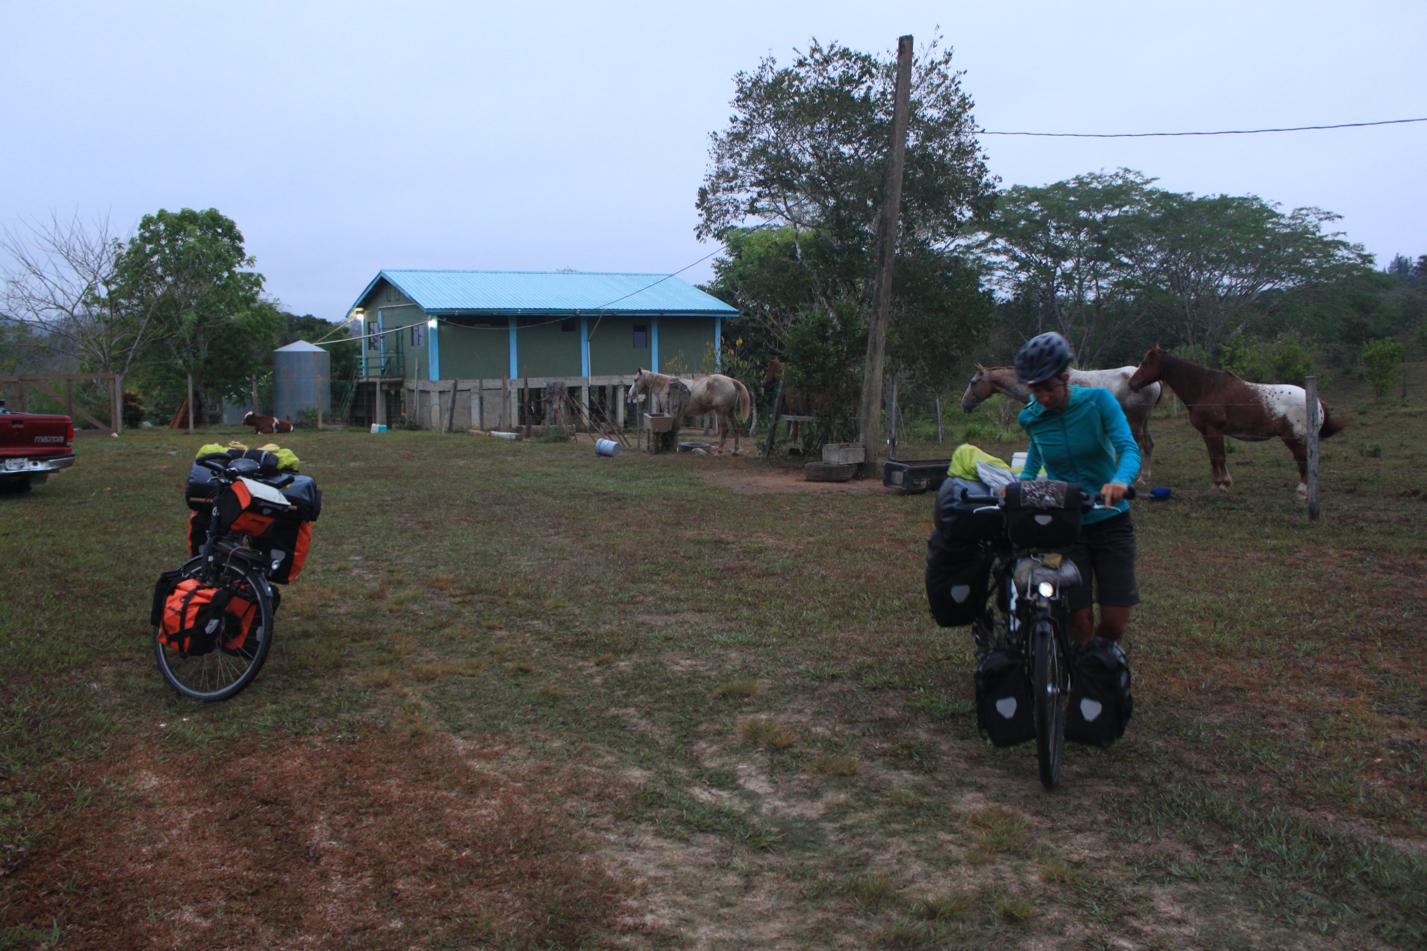 Rodolfos Farm